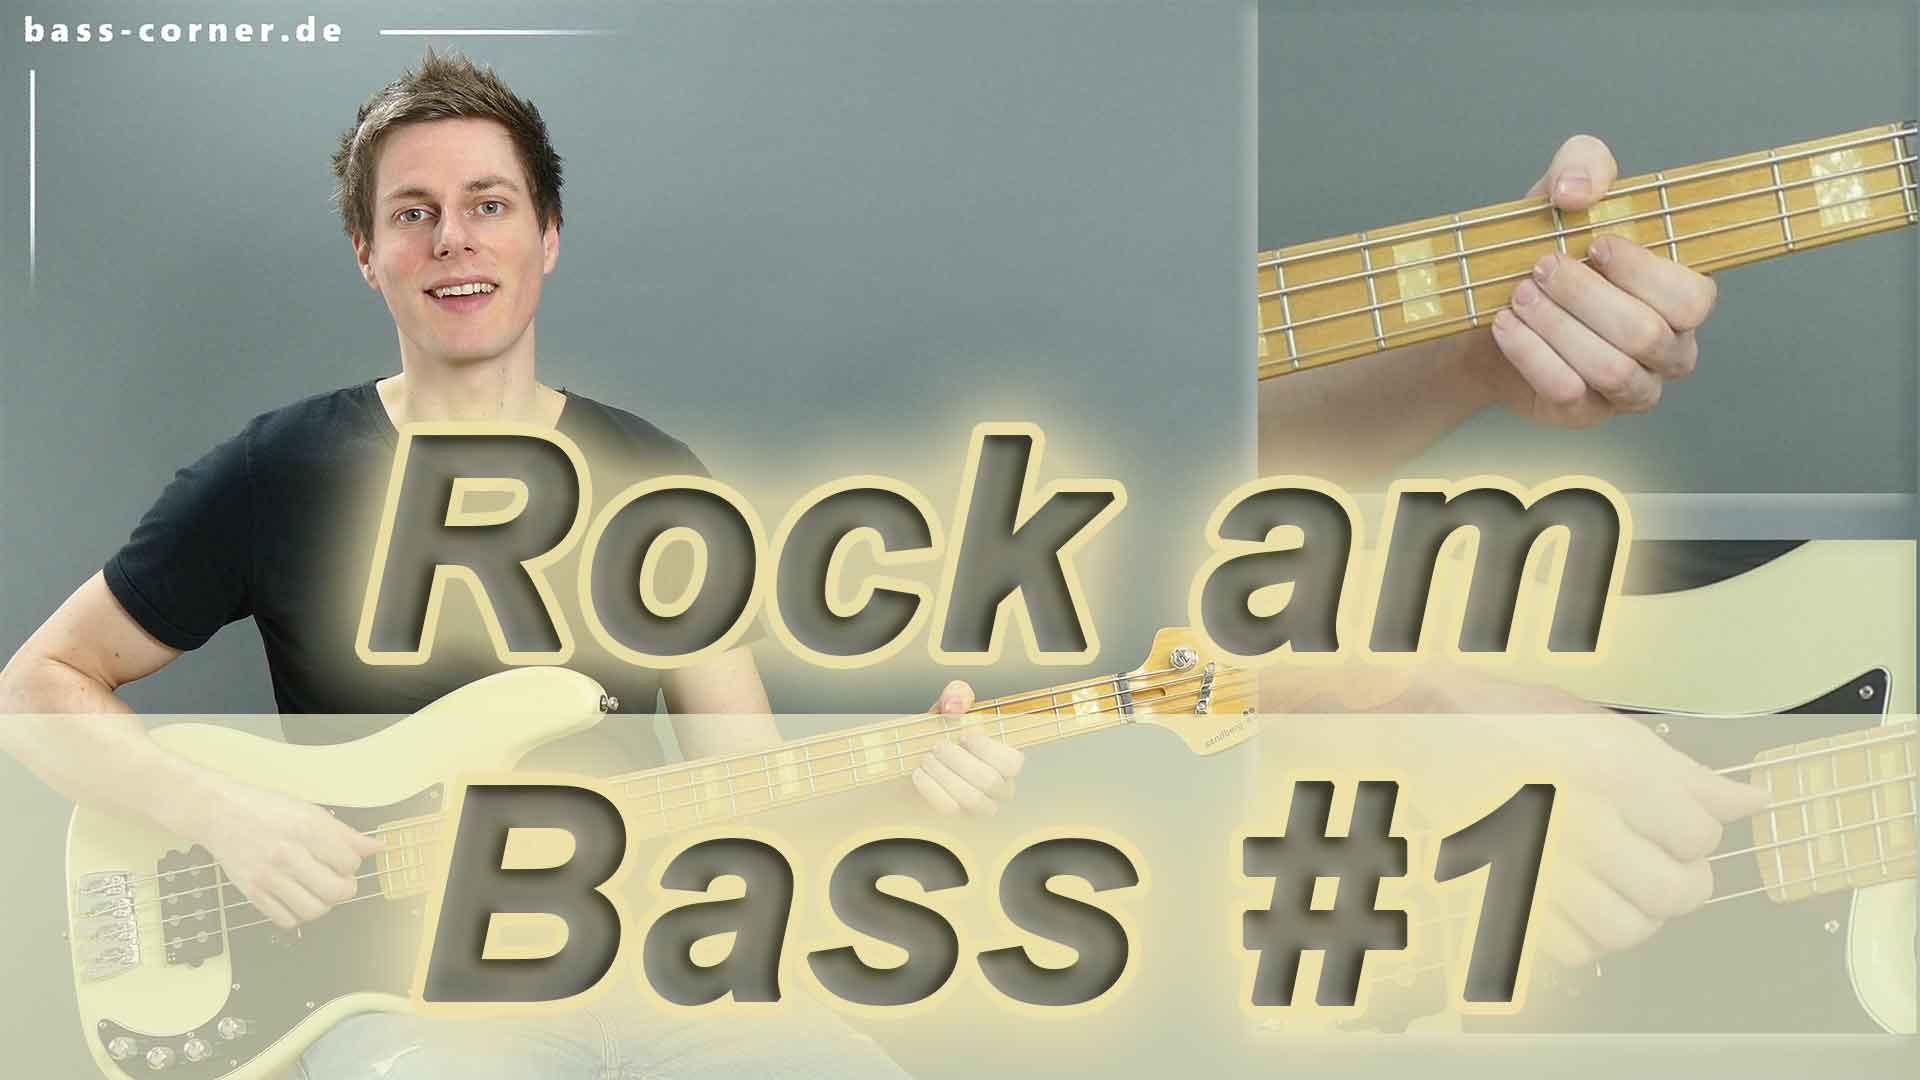 Hier sollte ein Bild stehen: Rock am E-Bass lernen Teil 1